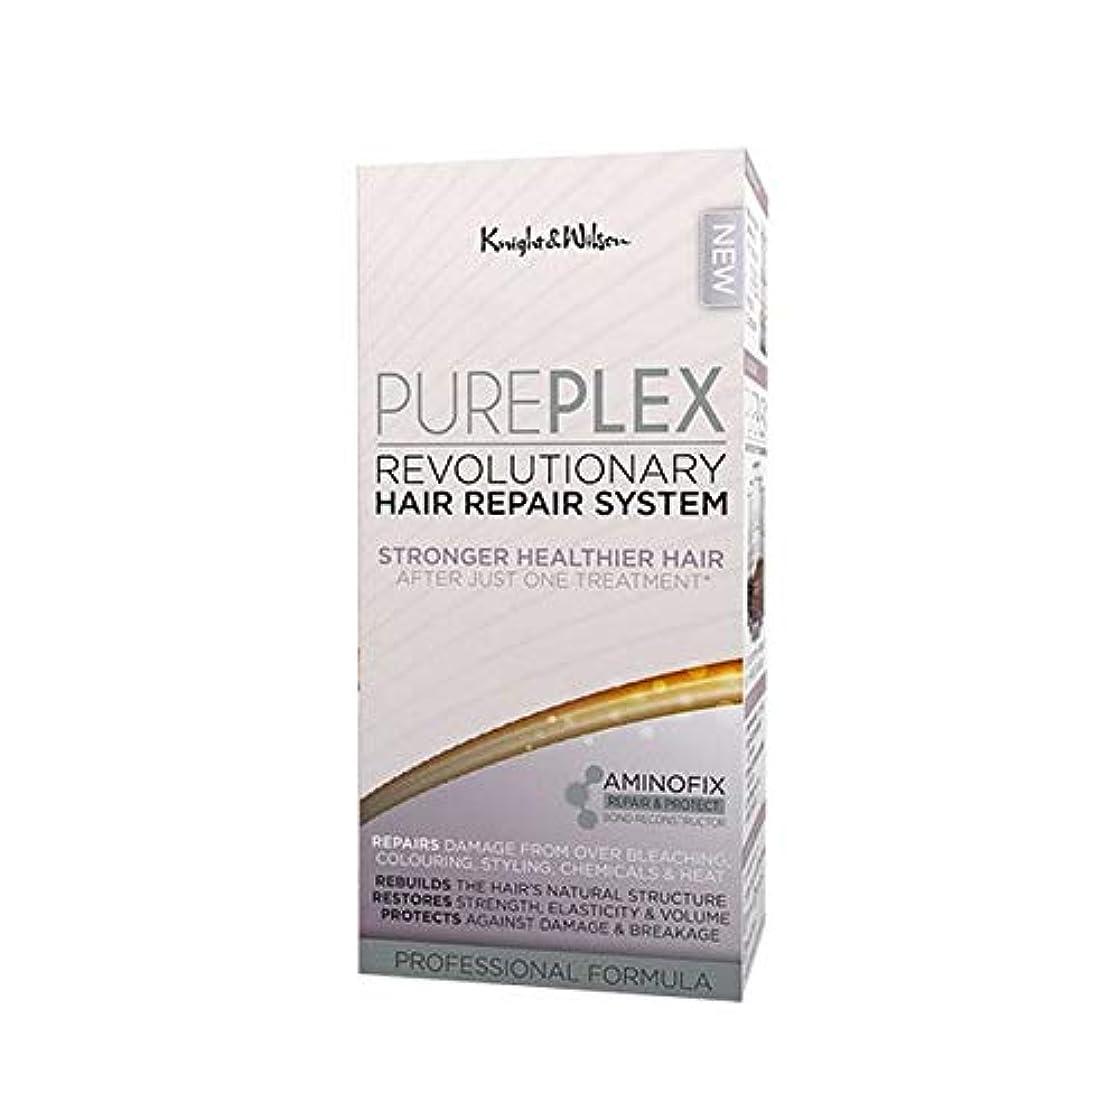 アドバンテージフェロー諸島祈る[Knight and Wilson ] 騎士とウィルソンPureplex画期的なヘア修復システム - Knight and Wilson PurePlex Revolutionary Hair Repair System...